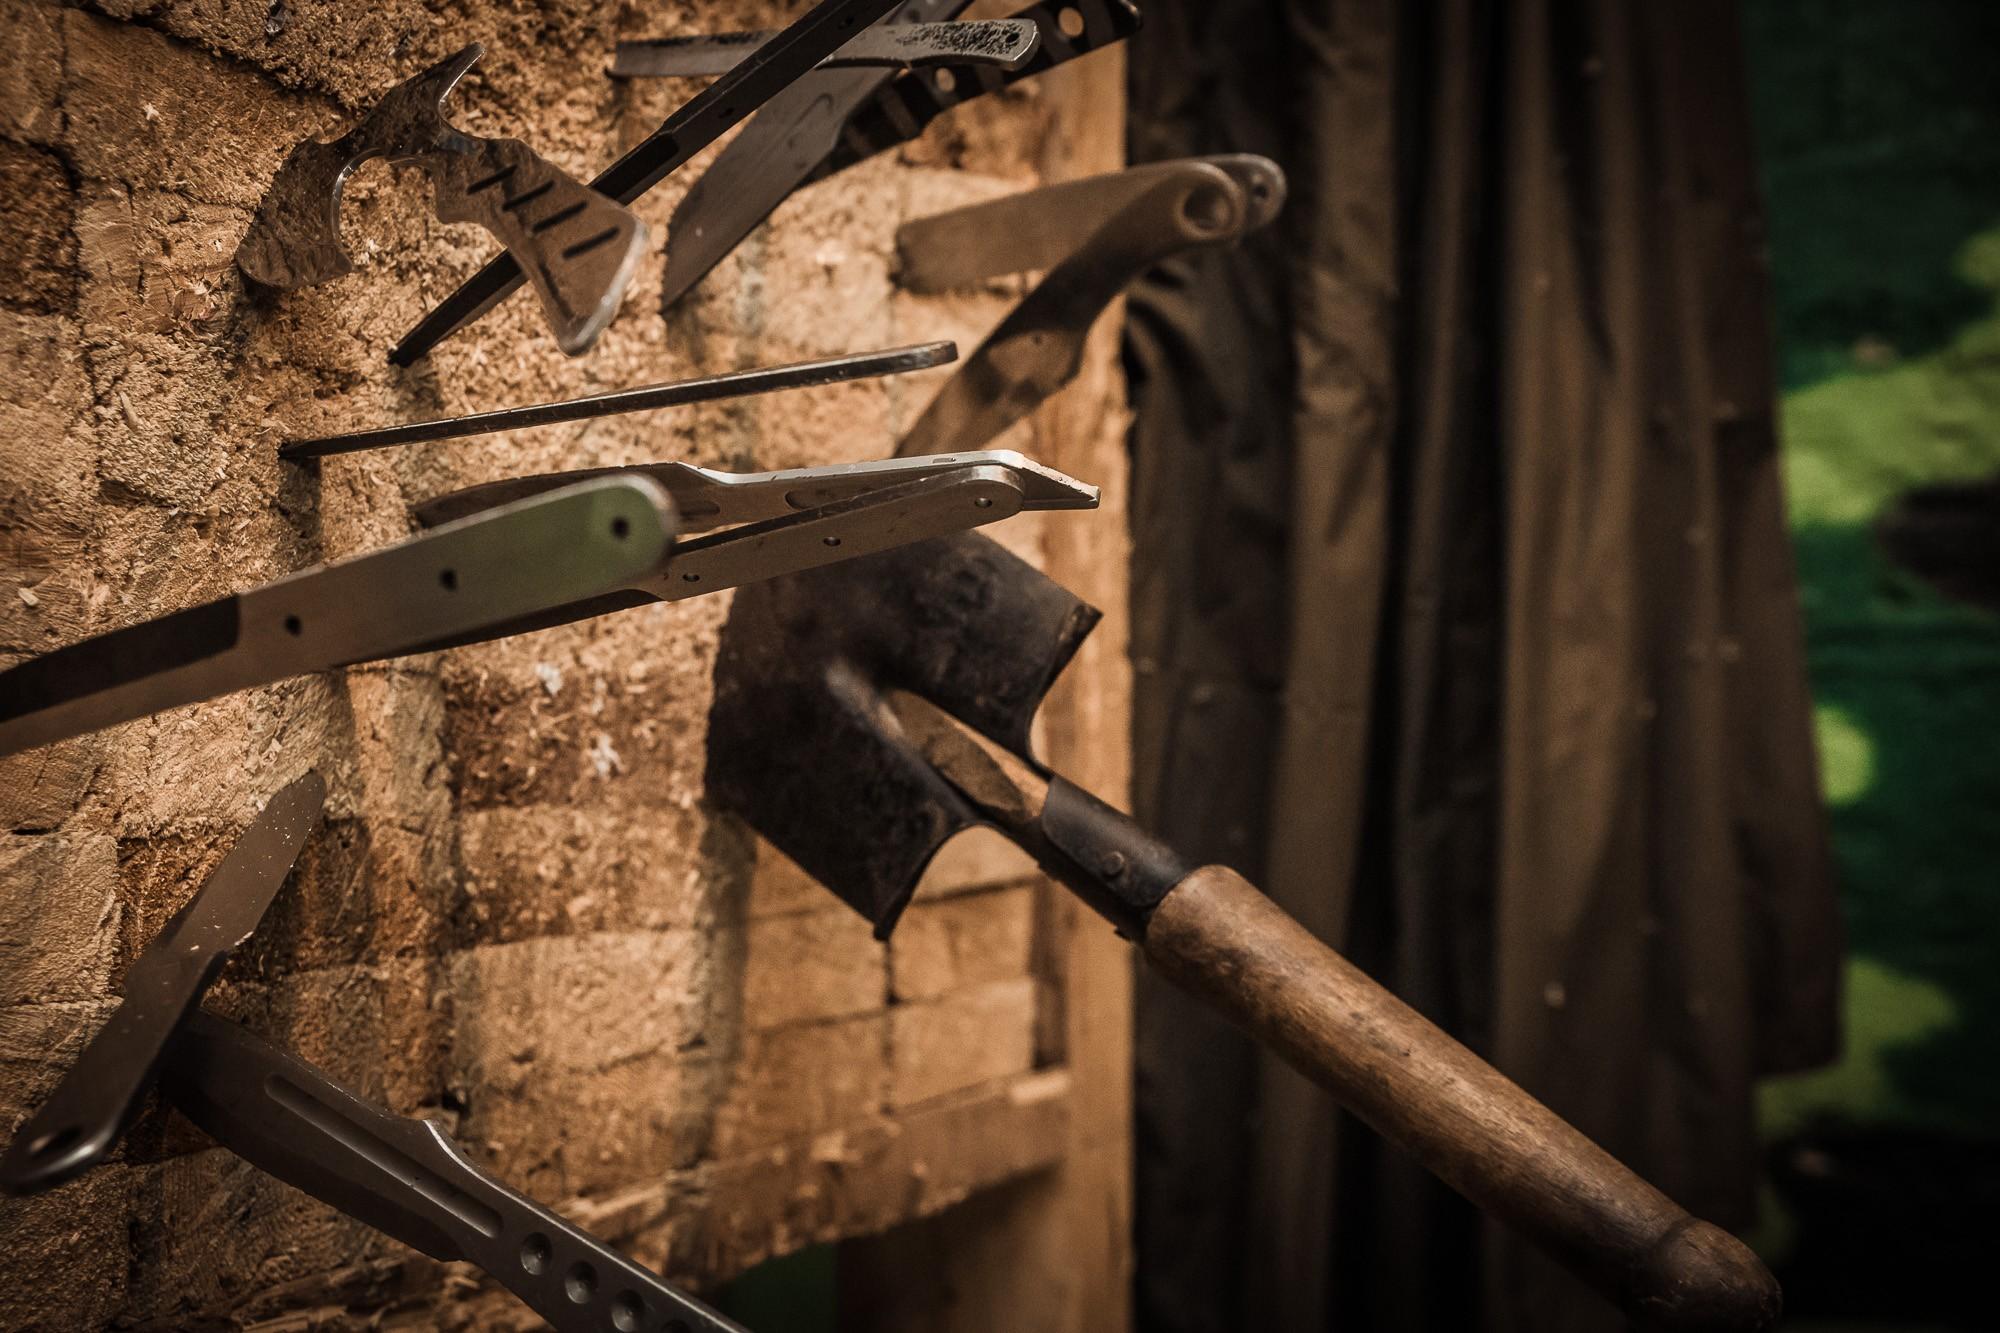 Технику метания ножей Хабаровск фото